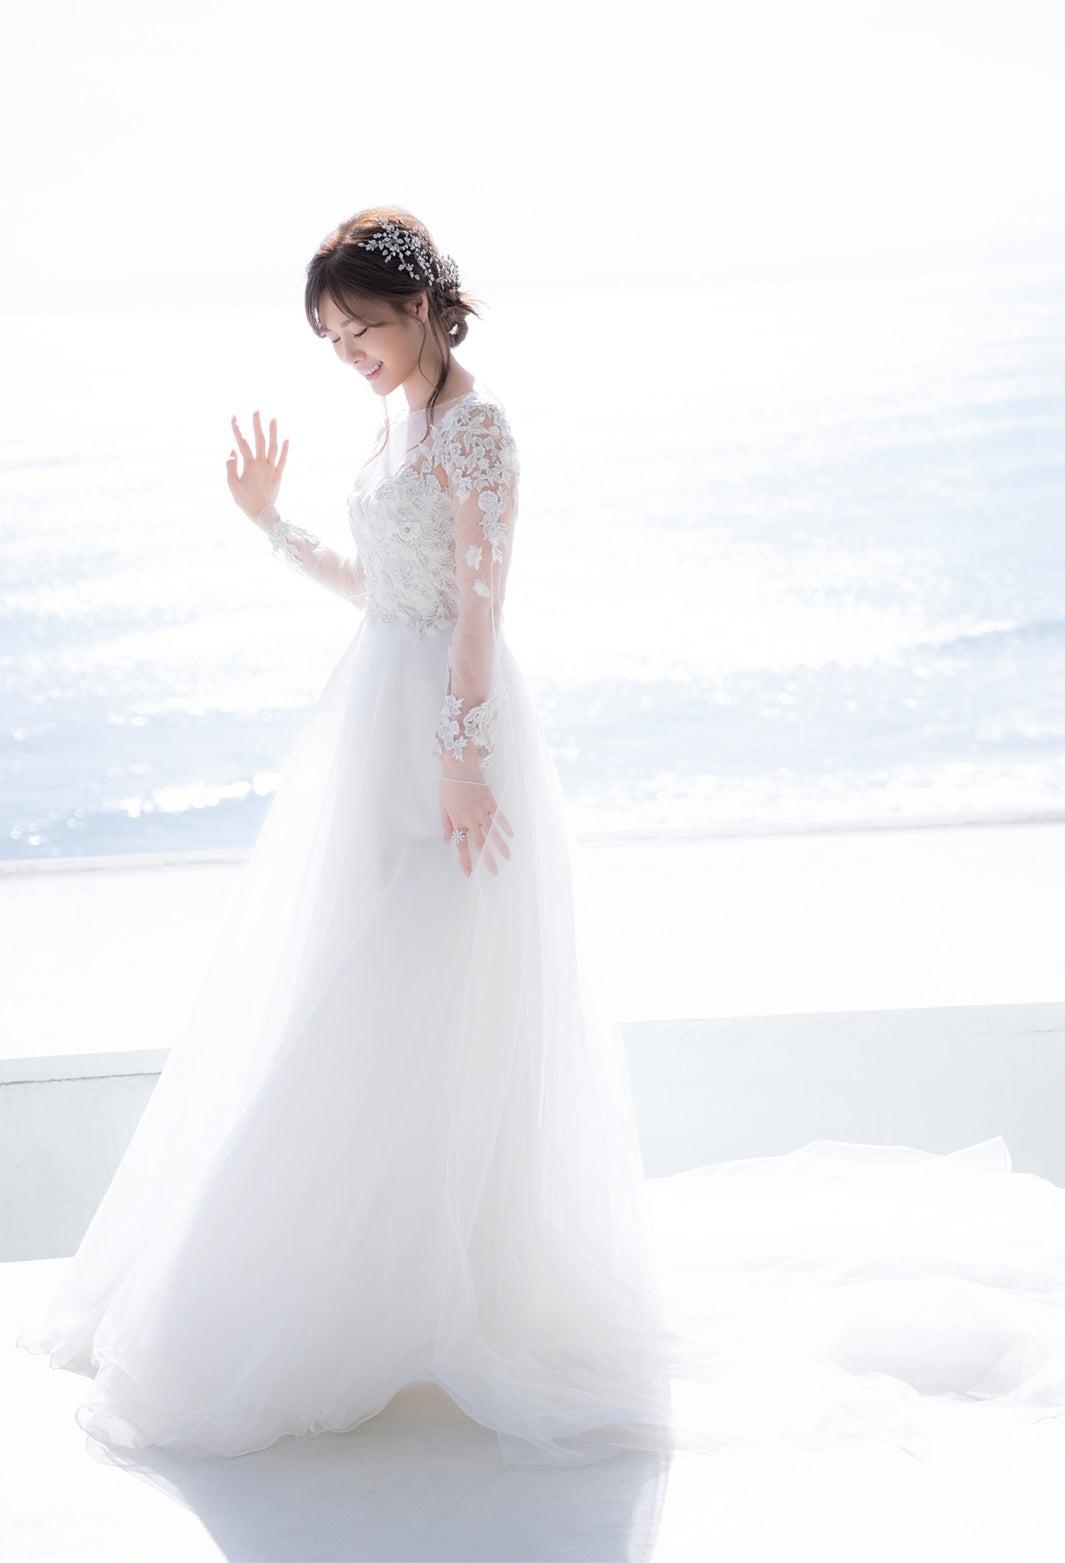 白石麻衣 乃木坂46卒業記念メモリアルマガジン 裏表紙 純白ドレス姿